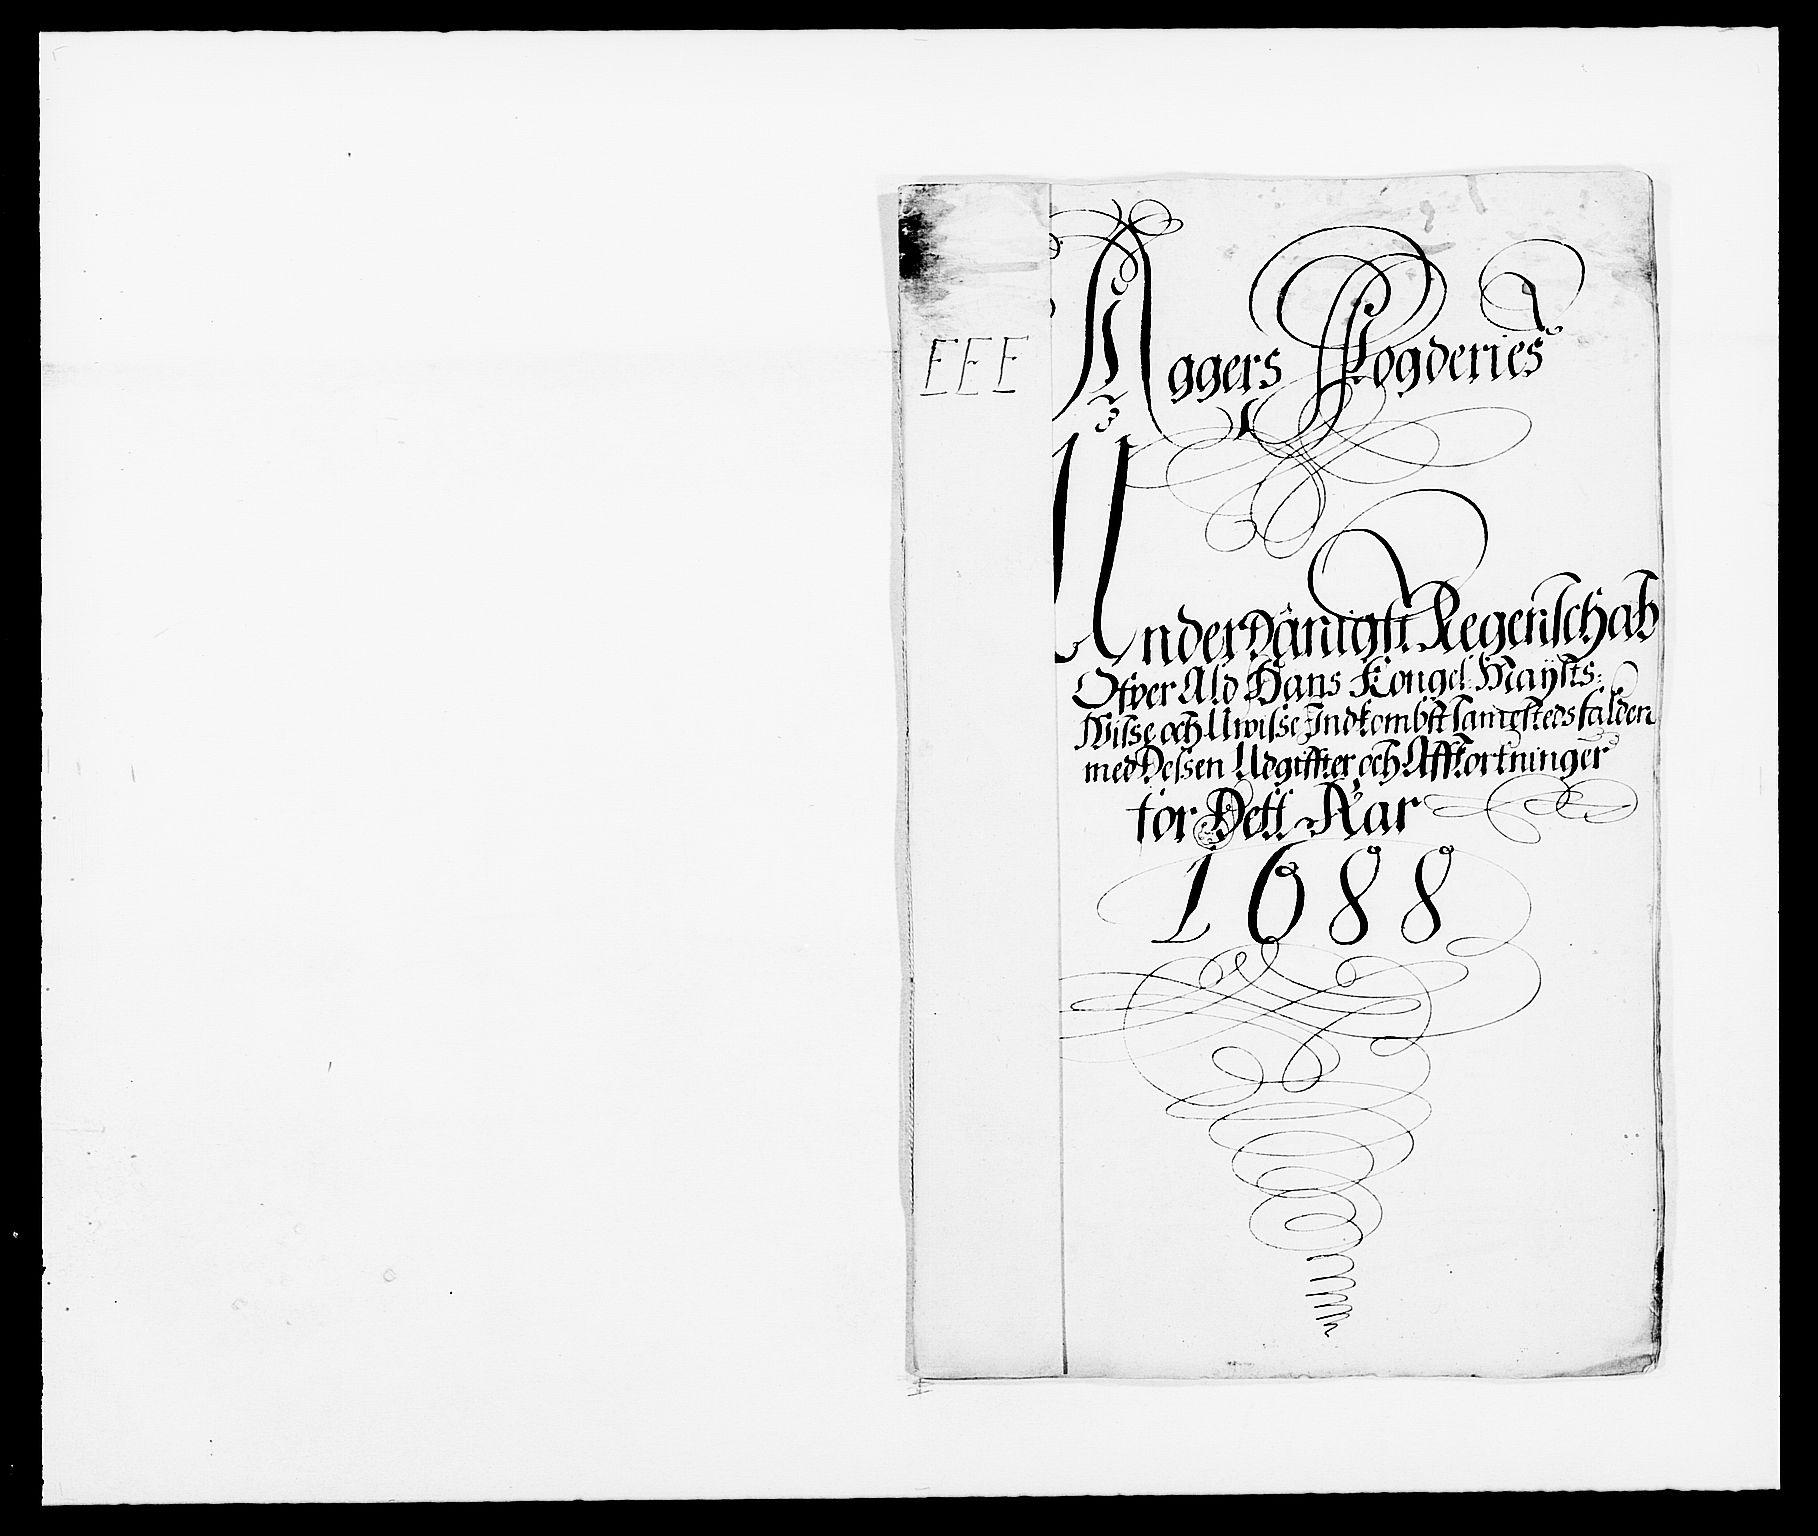 RA, Rentekammeret inntil 1814, Reviderte regnskaper, Fogderegnskap, R08/L0422: Fogderegnskap Aker, 1684-1686, s. 262